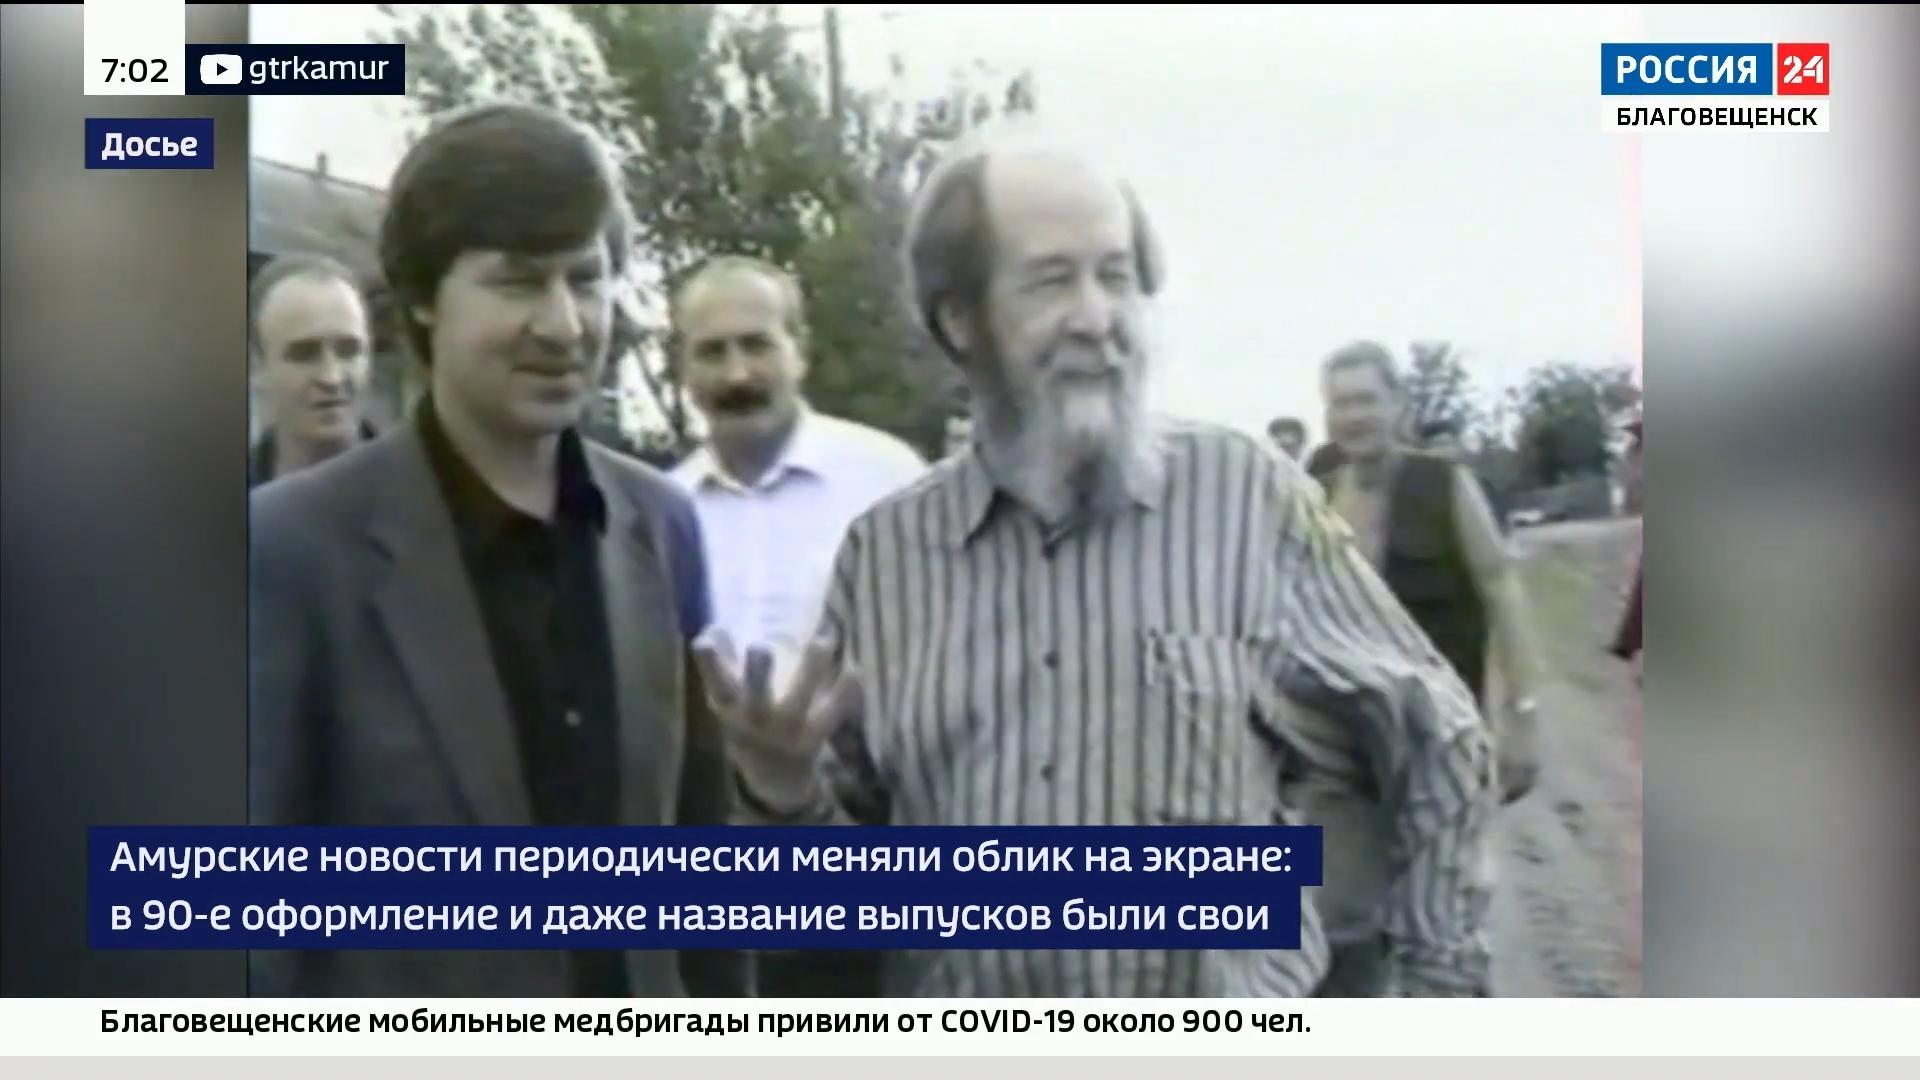 20210513_07-40--30 лет в эфире- сегодня ВГТРК празднует юбилей «Вестей»-pic05